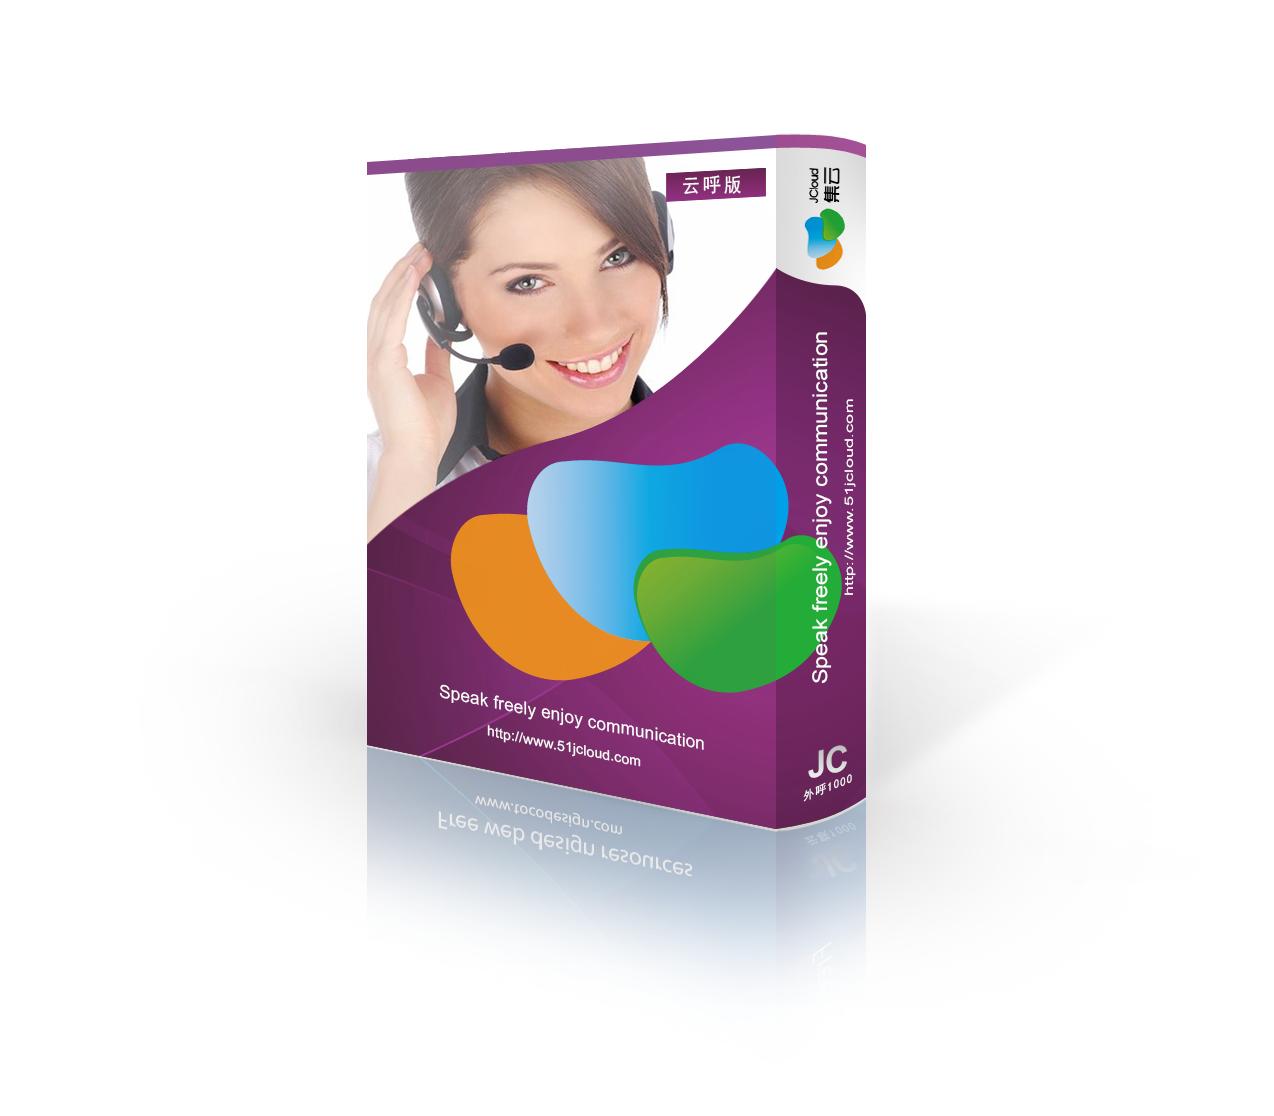 呼叫中心 电话营销系统 电话外呼客服管理系统 群呼语音通知系统